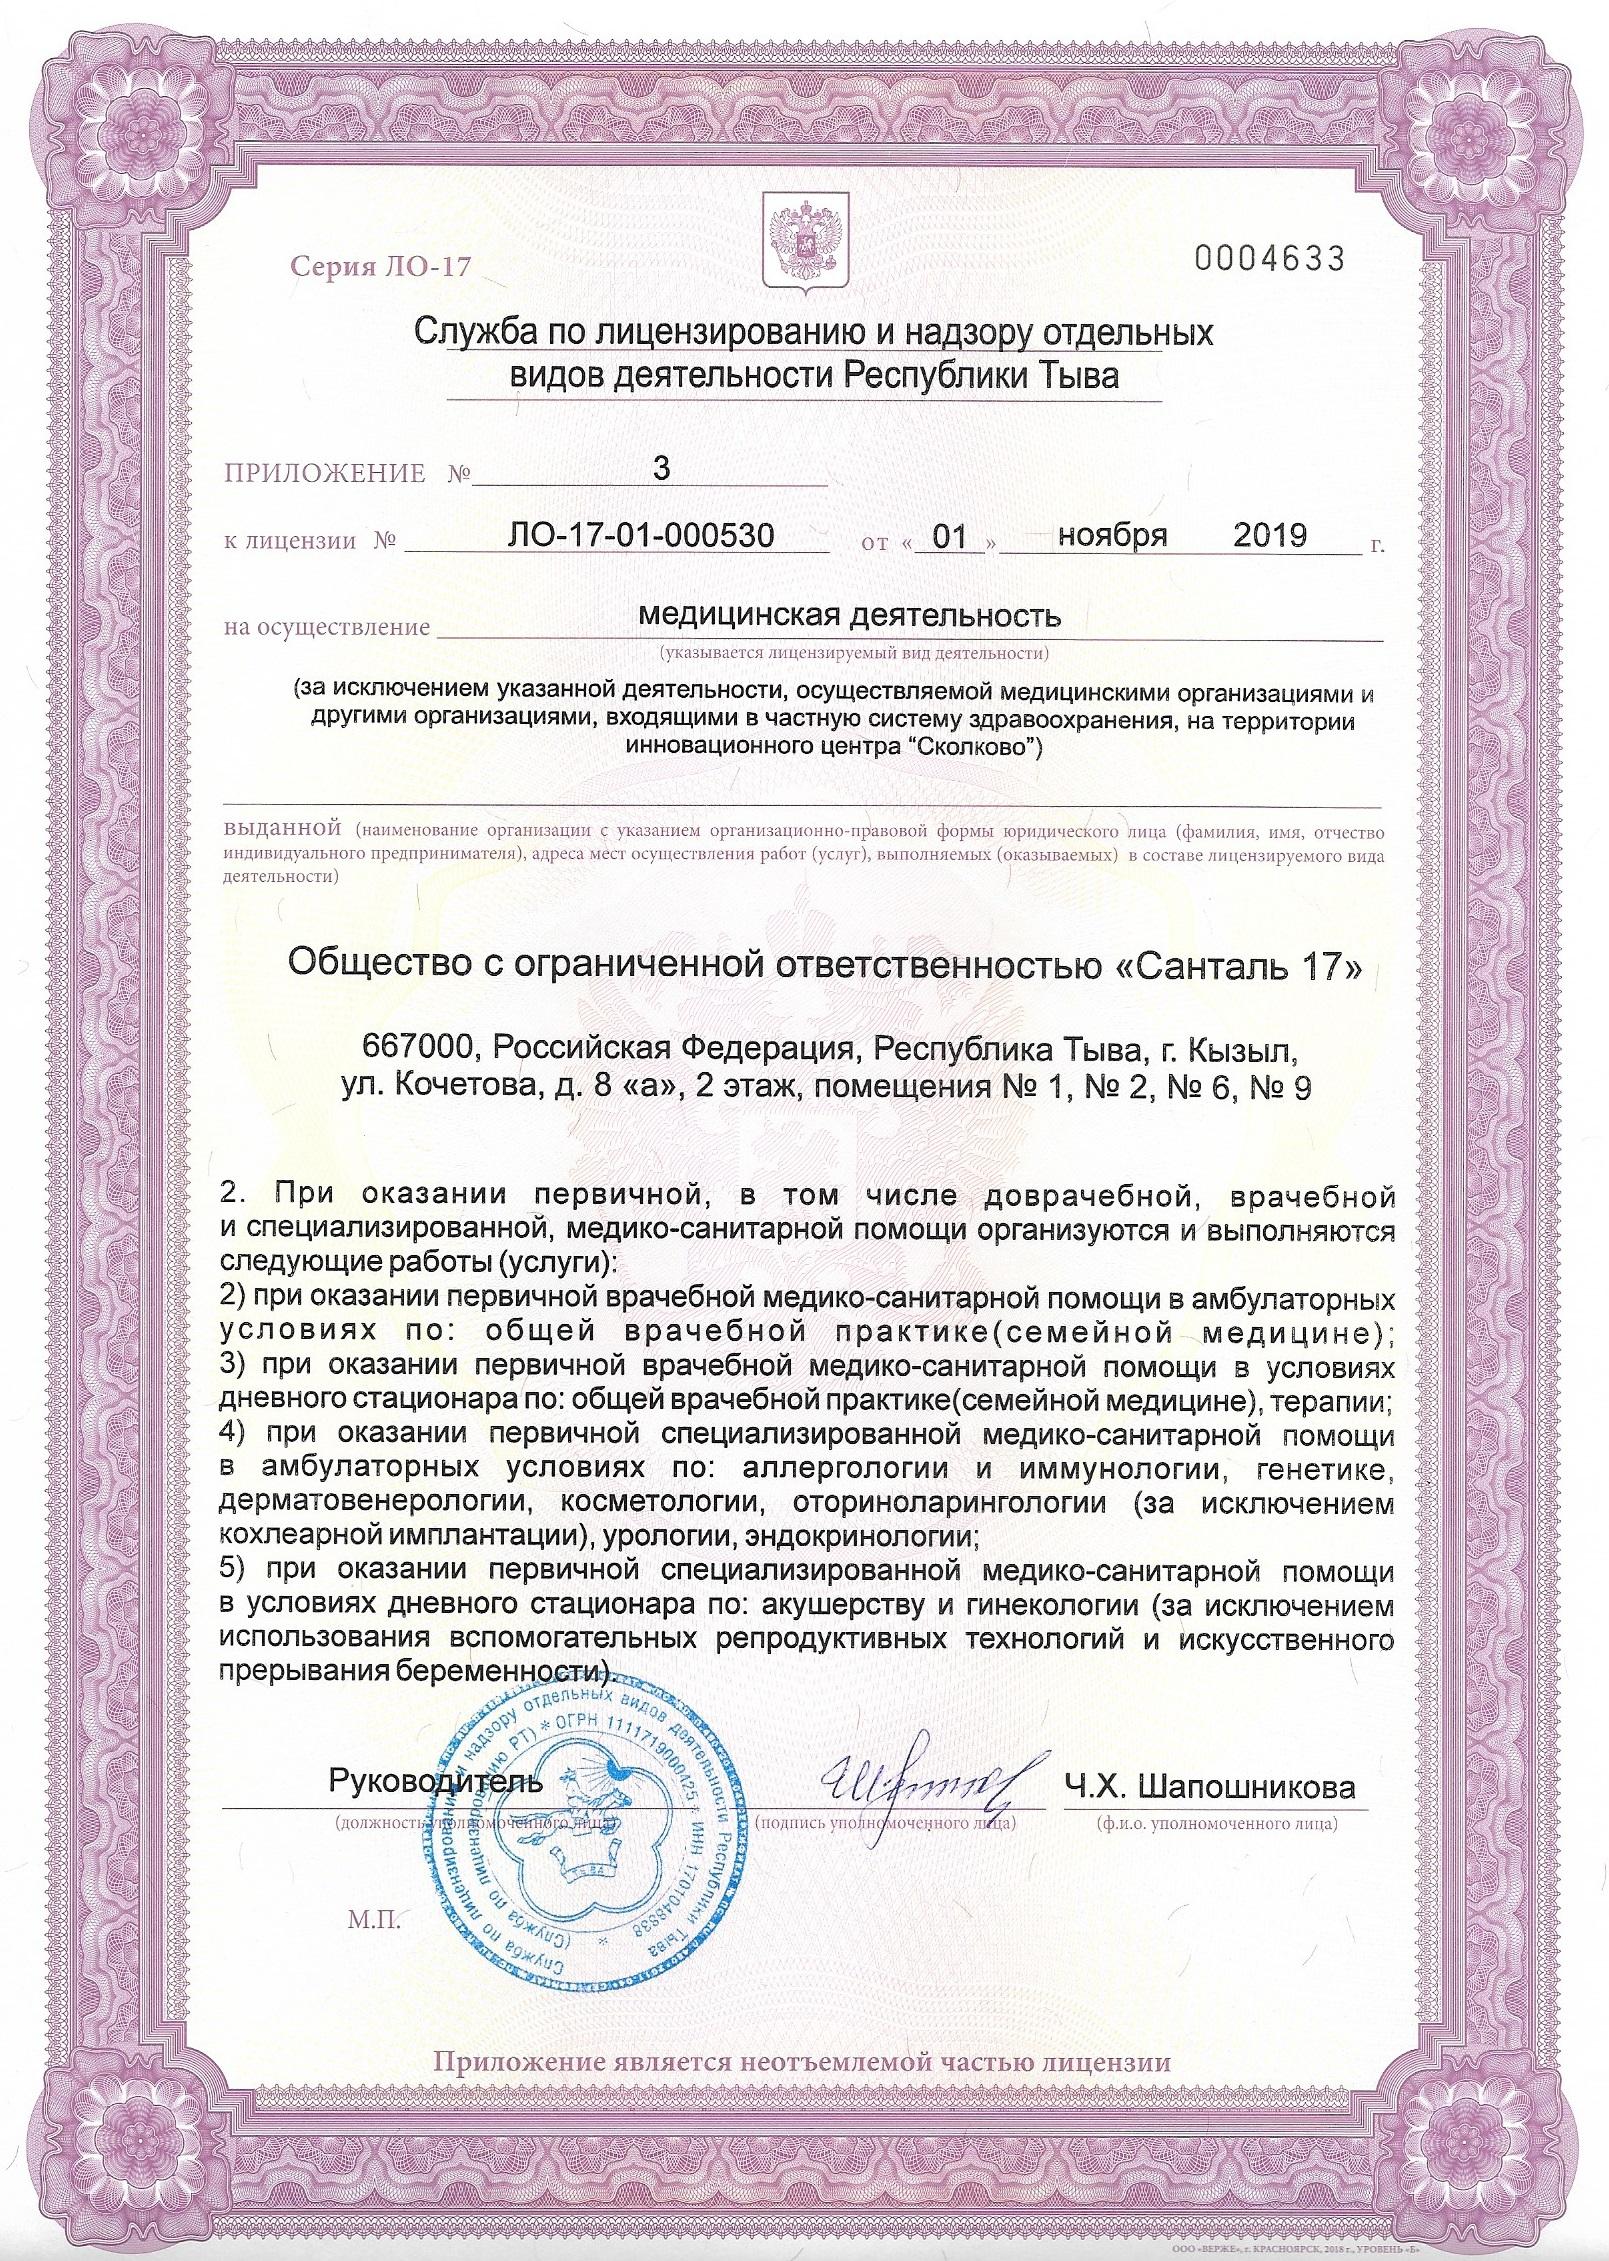 Лицензия на осуществление медицинской деятельности клиники Санталь в Кызыле